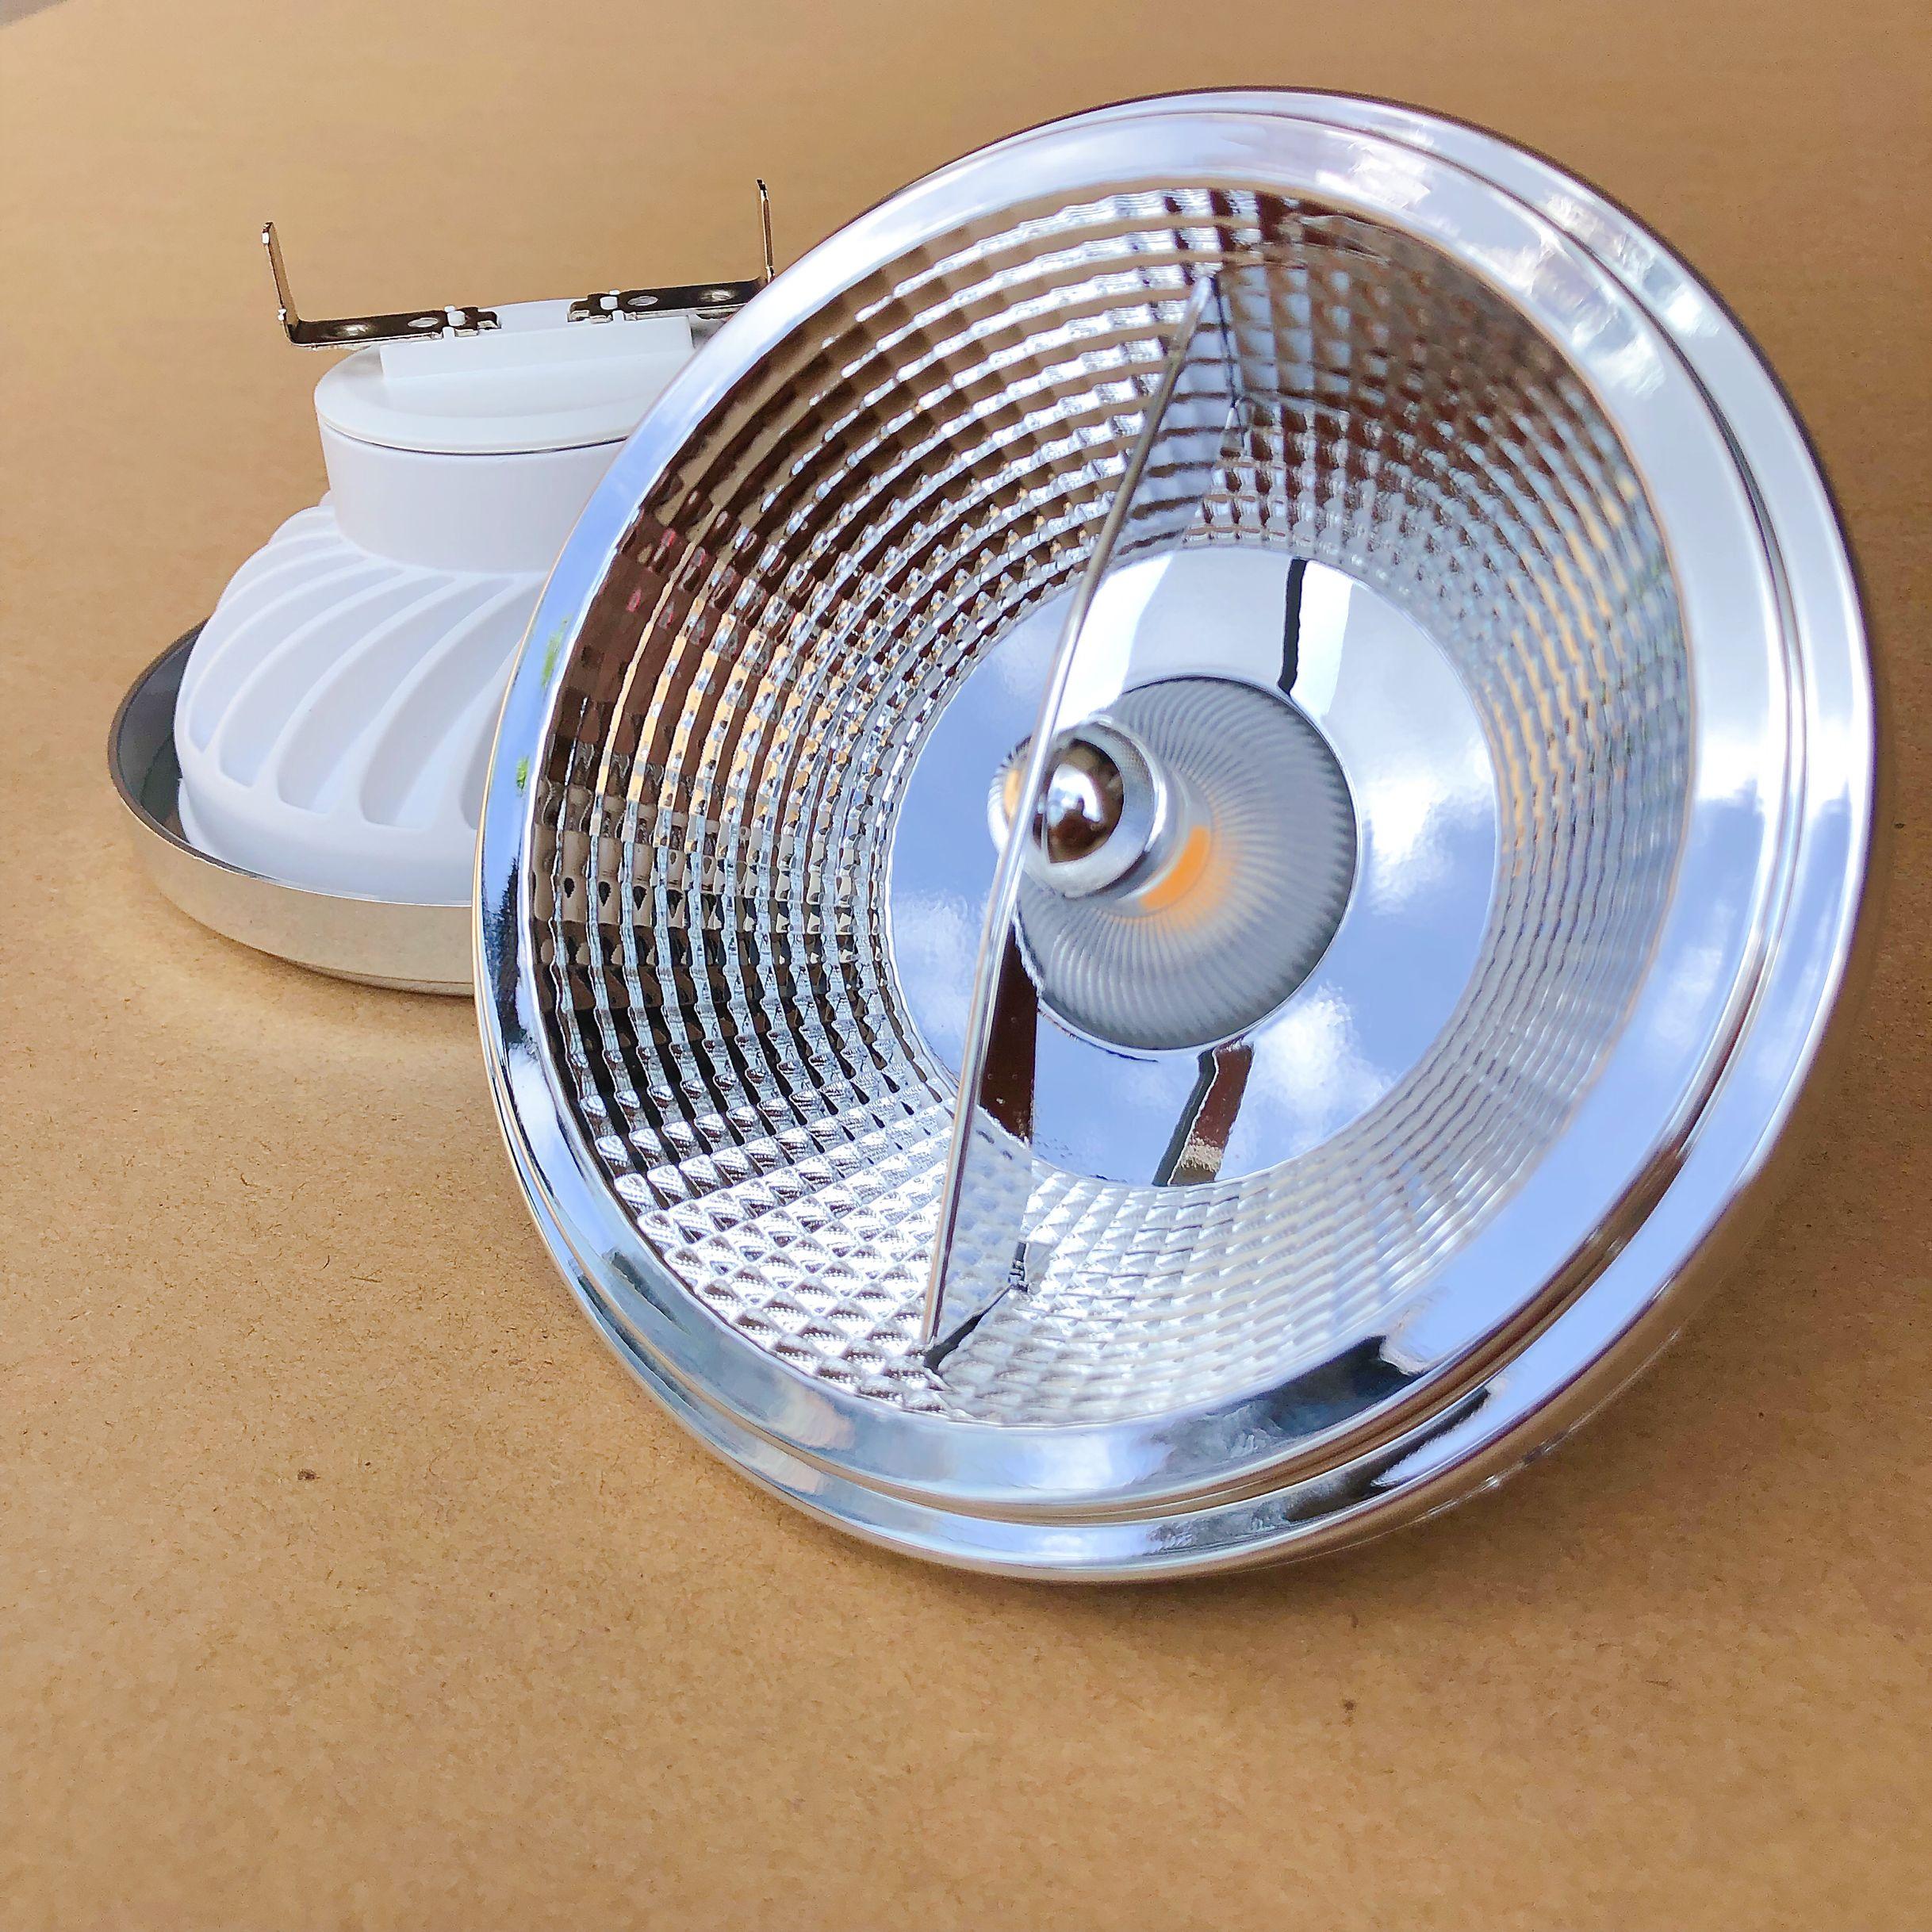 شحن مجاني 15 واط 20 واط LED الأضواء AR111 G53 GU10 LED جزءا لا يتجزأ راحة مصابيح السقف النازل عكس الضوء DC12V AC110V 220 فولت